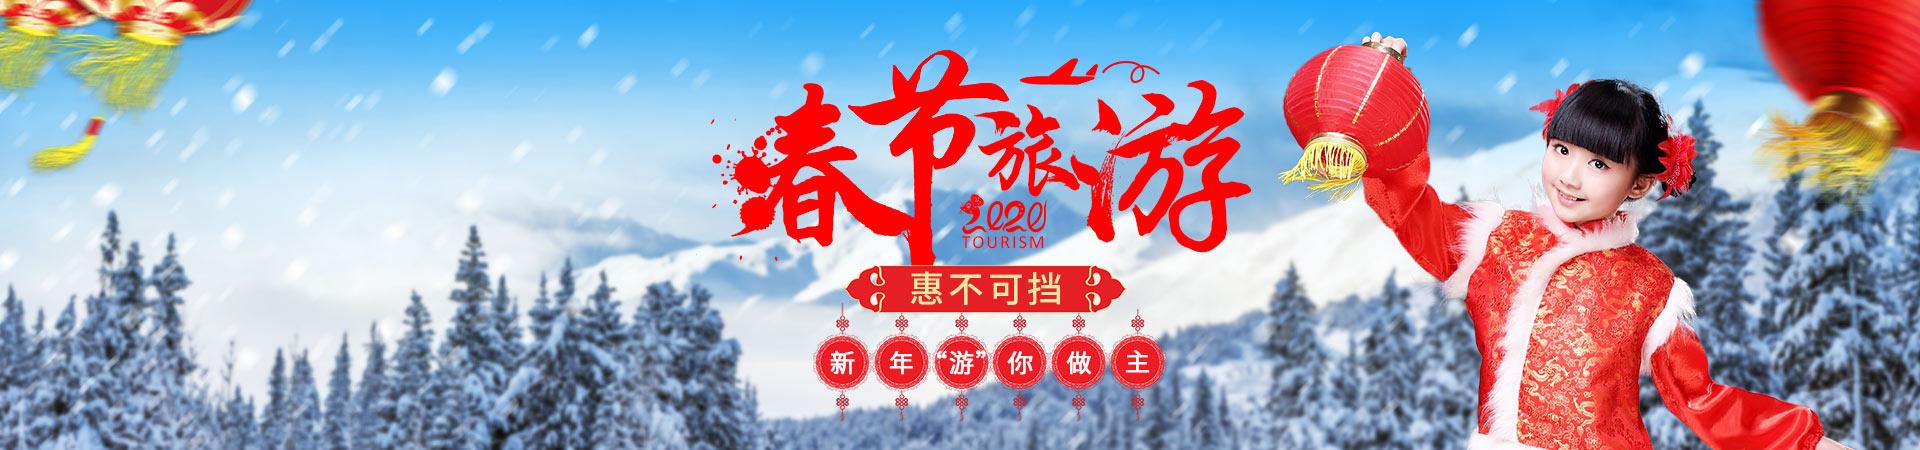 春(chun)節(jie)旅游